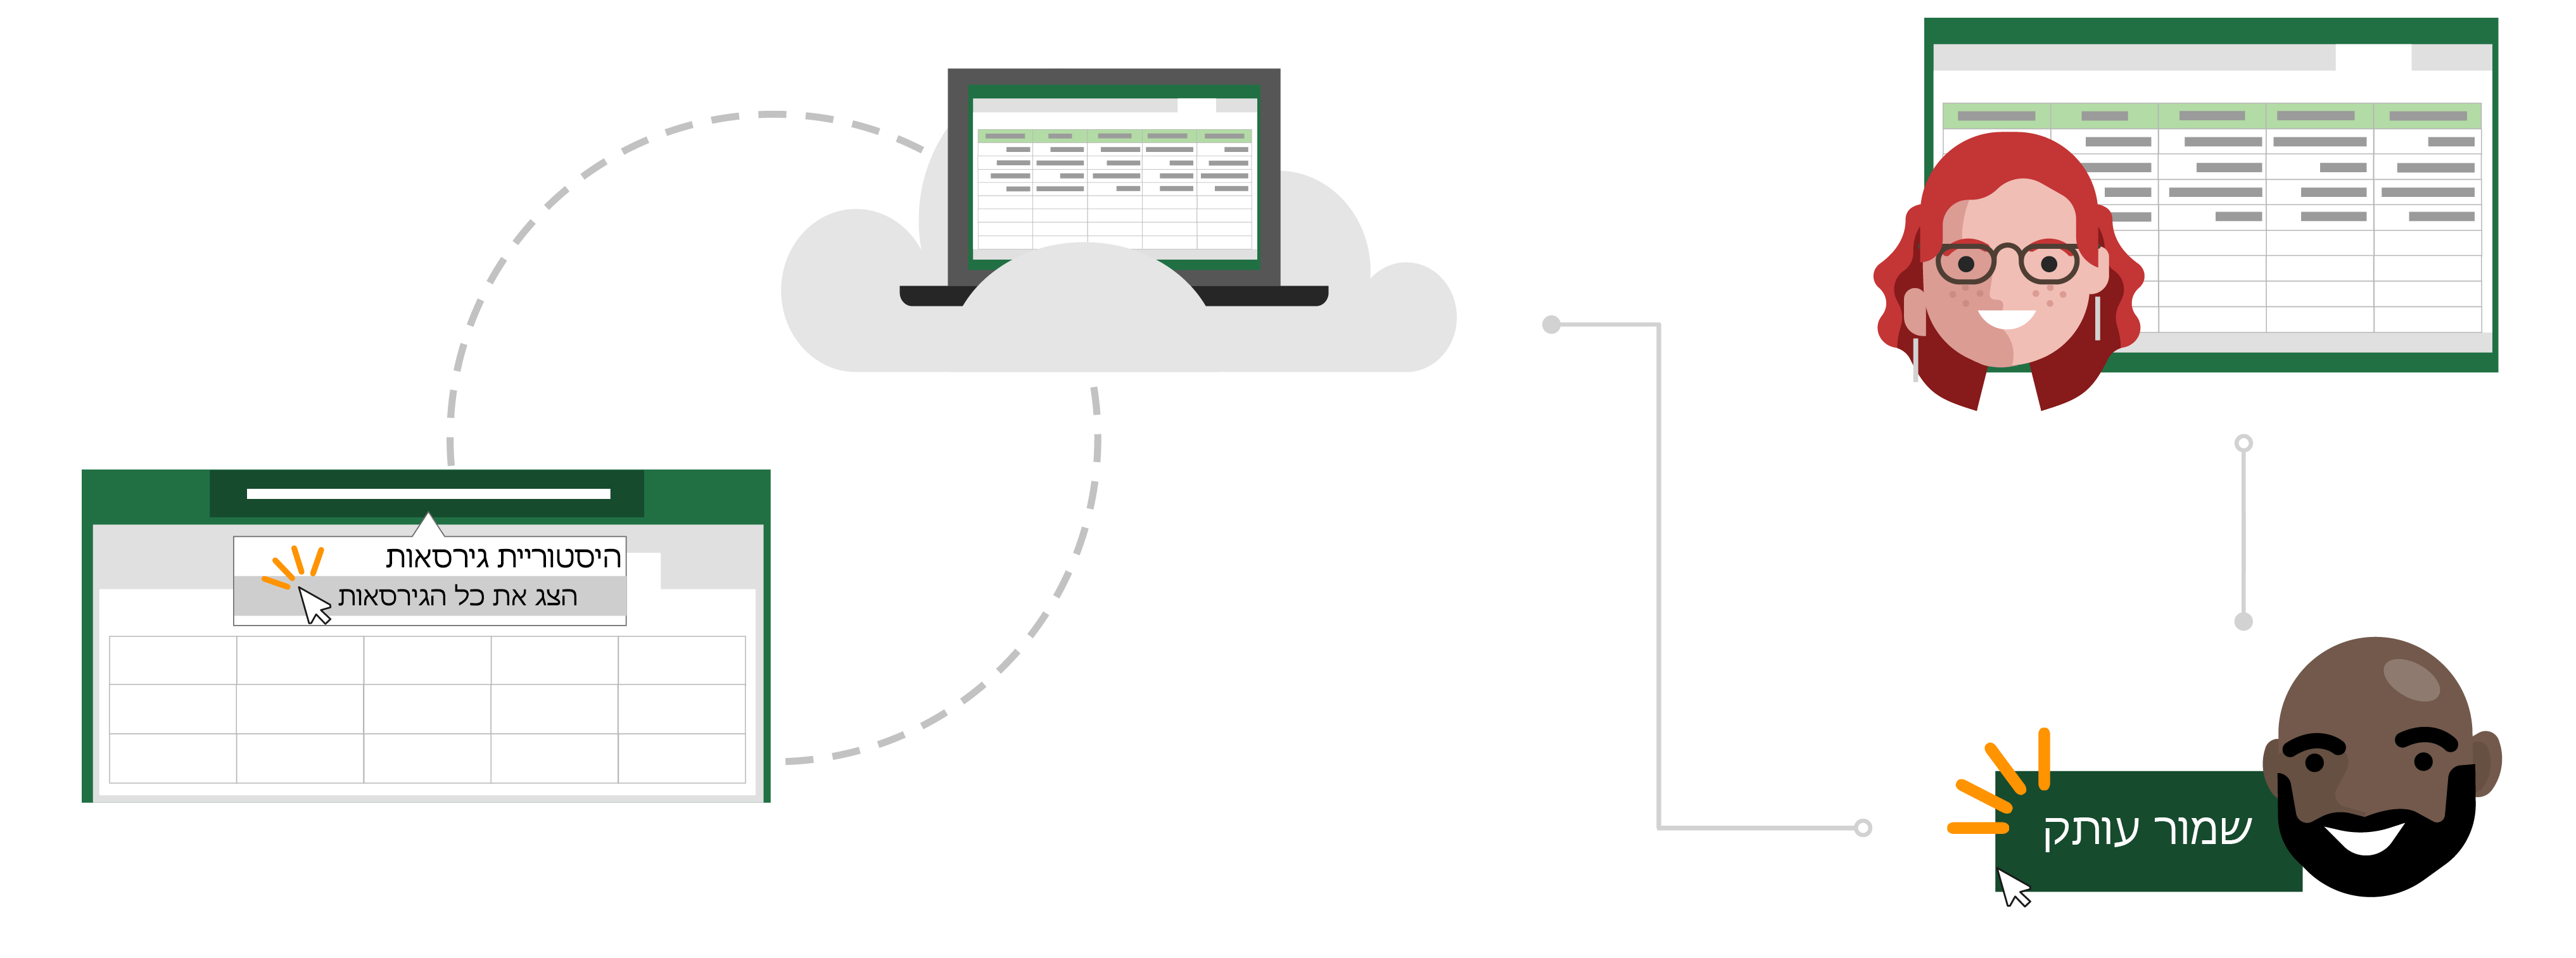 השתמש בקובץ קיים בענן כתבנית עבור קובץ חדש באמצעות שמירת עותק.